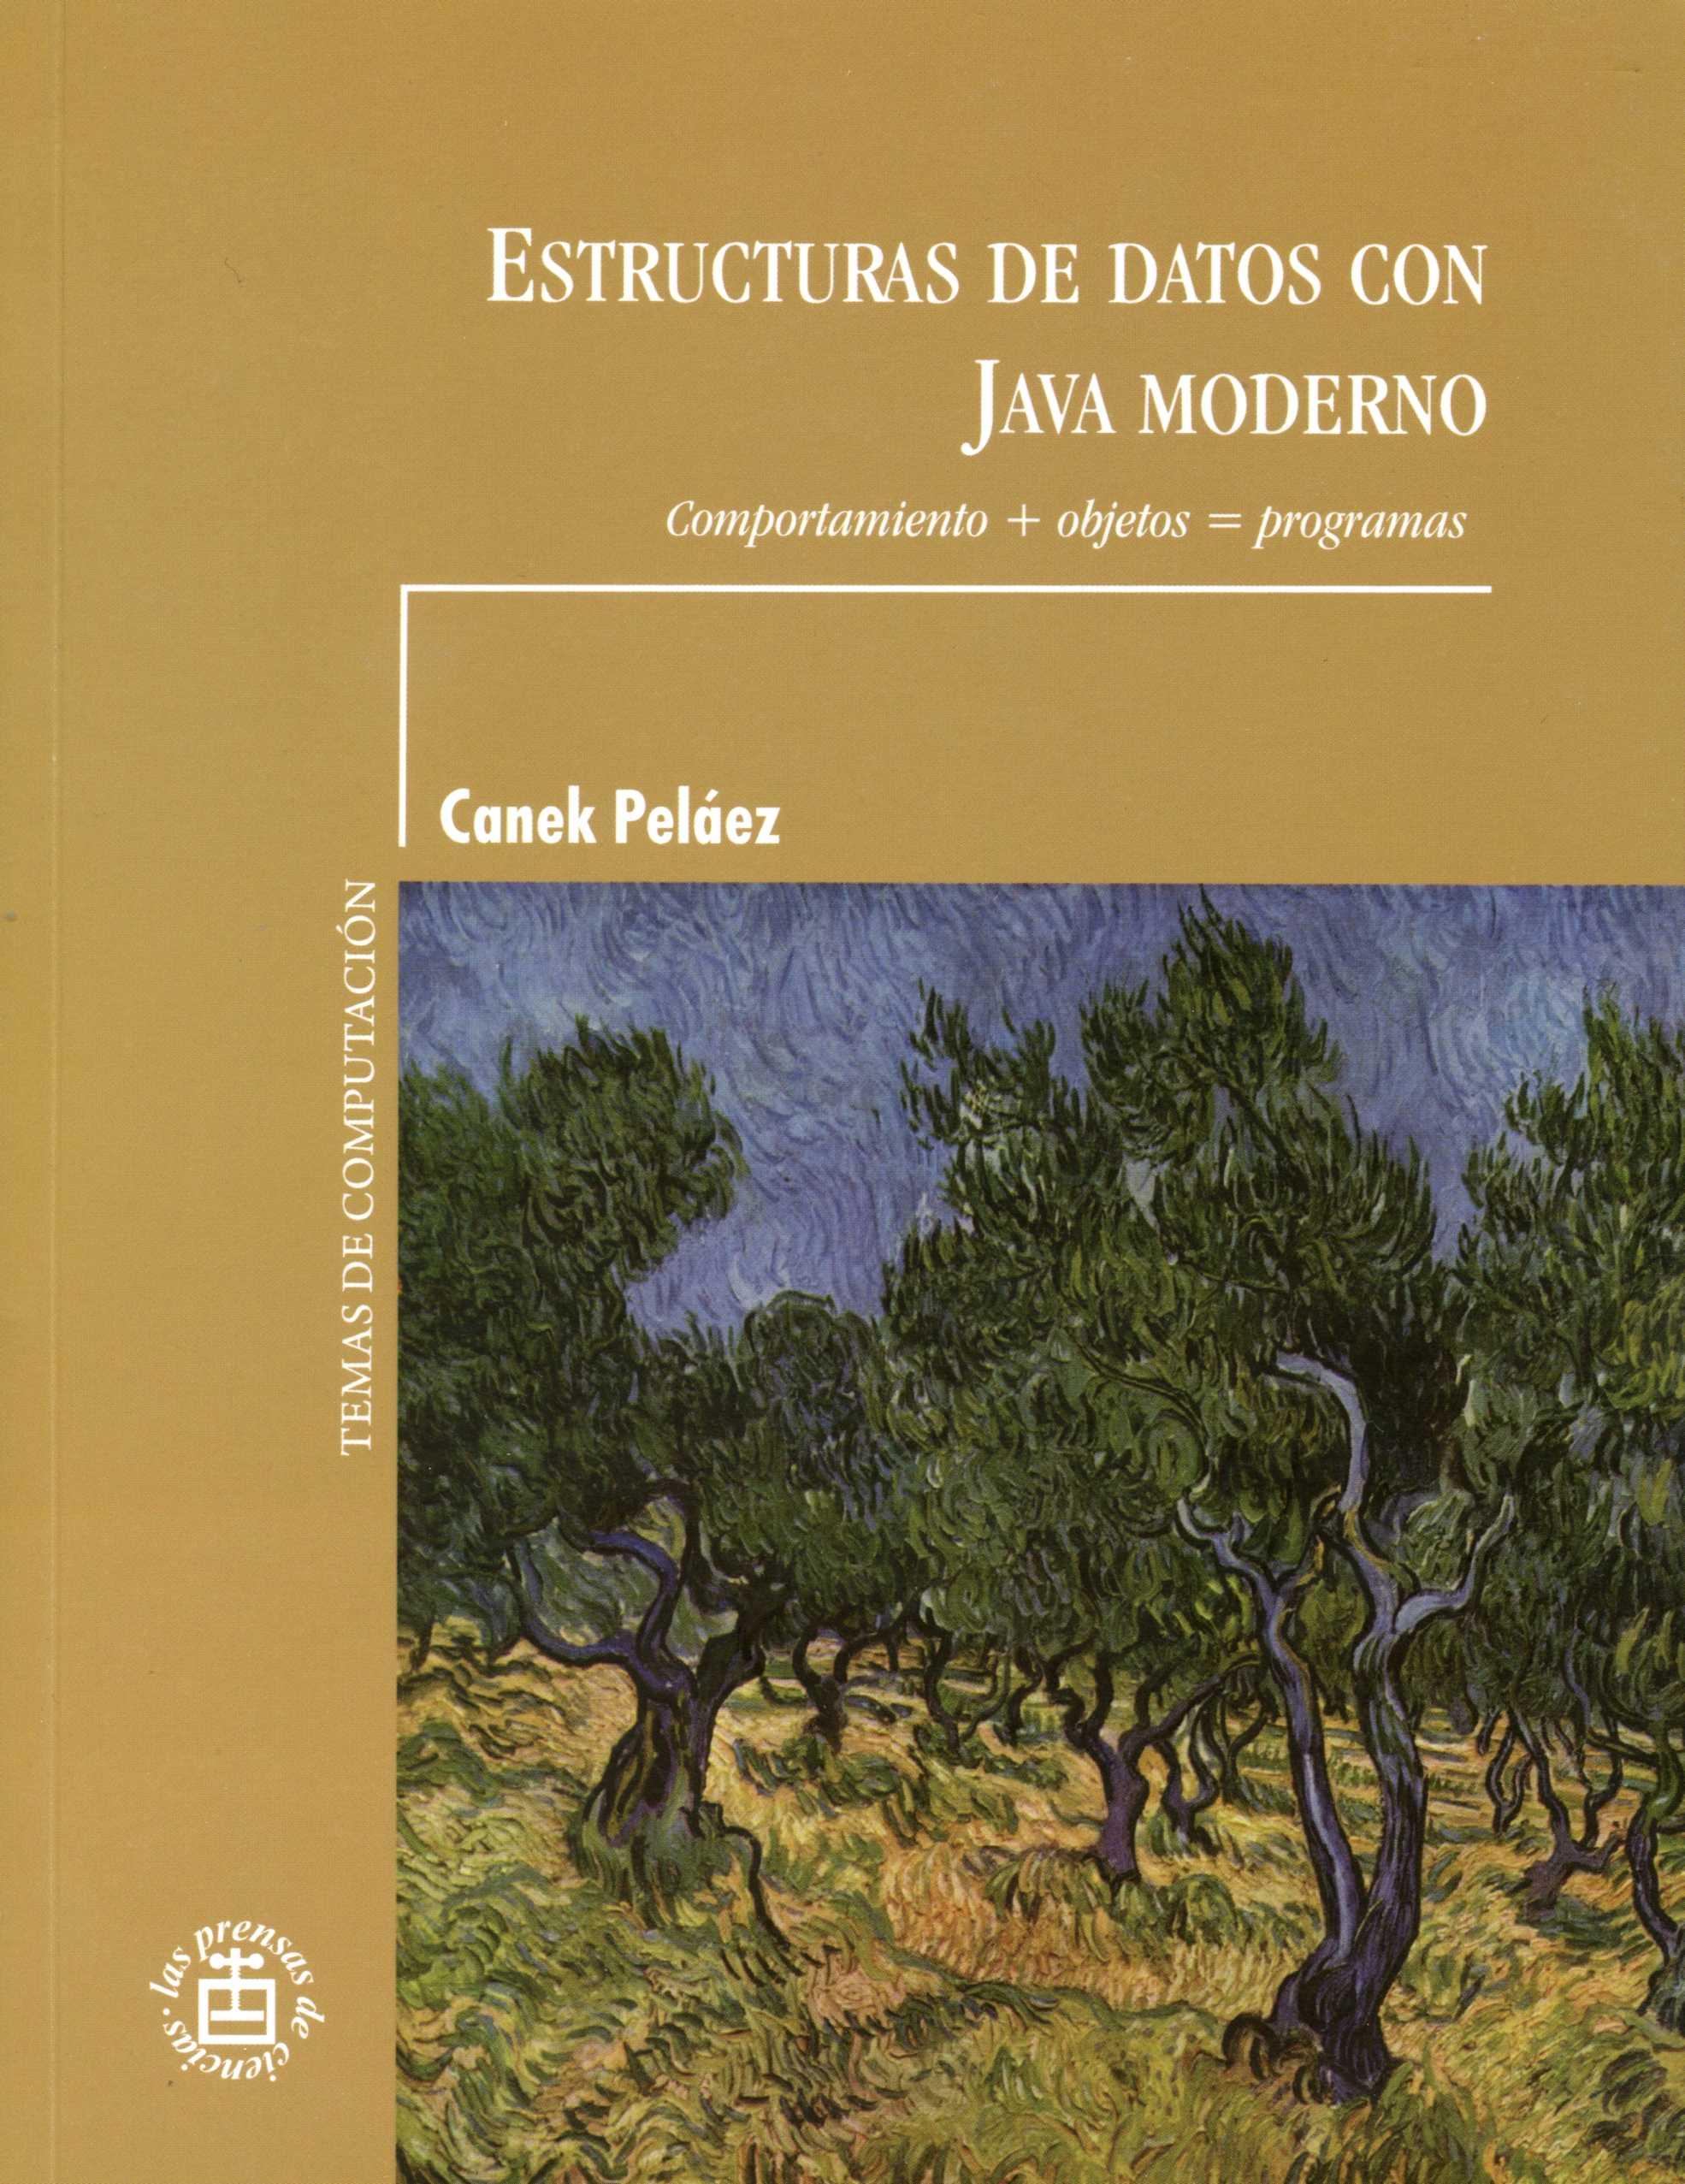 Estructuras de datos con Java moderno: comportamiento + objetos= programas